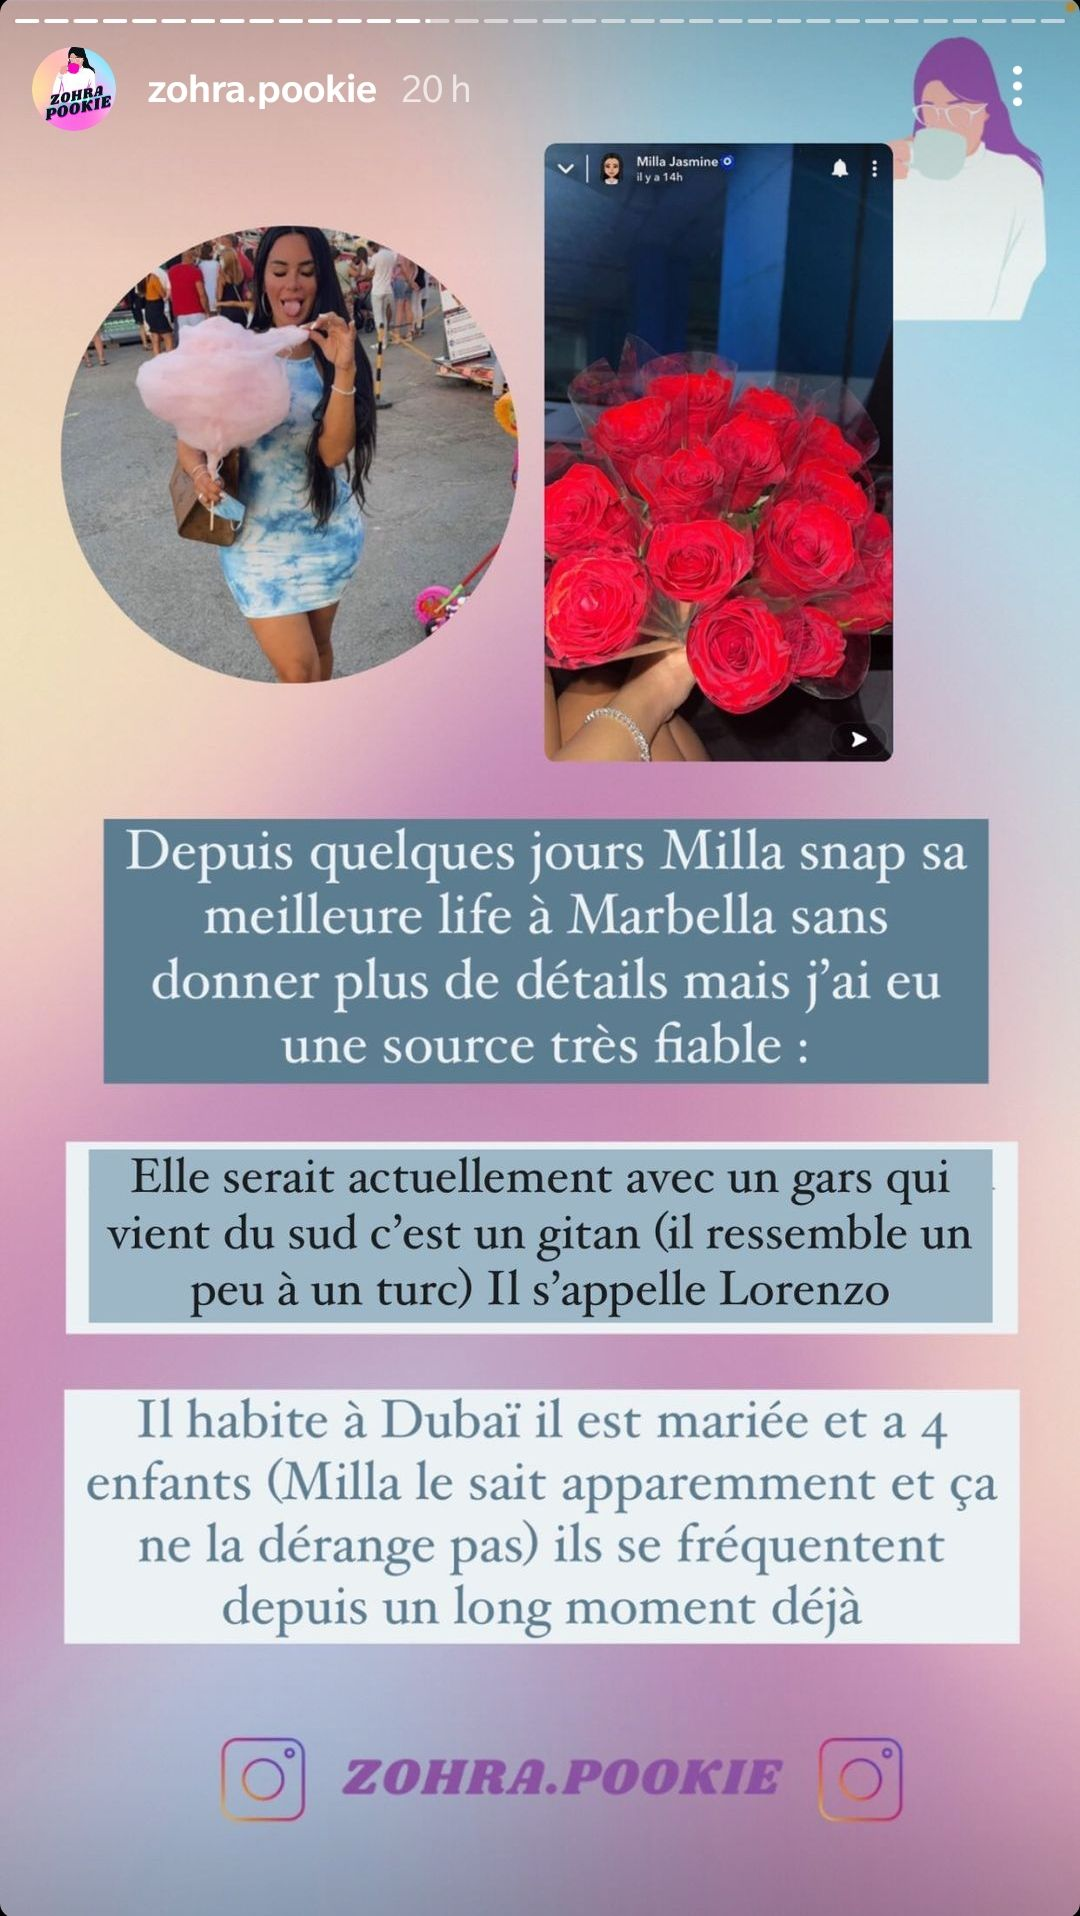 Milla Jasmine en couple avec un père de famille marié ? La rumeur enfle !